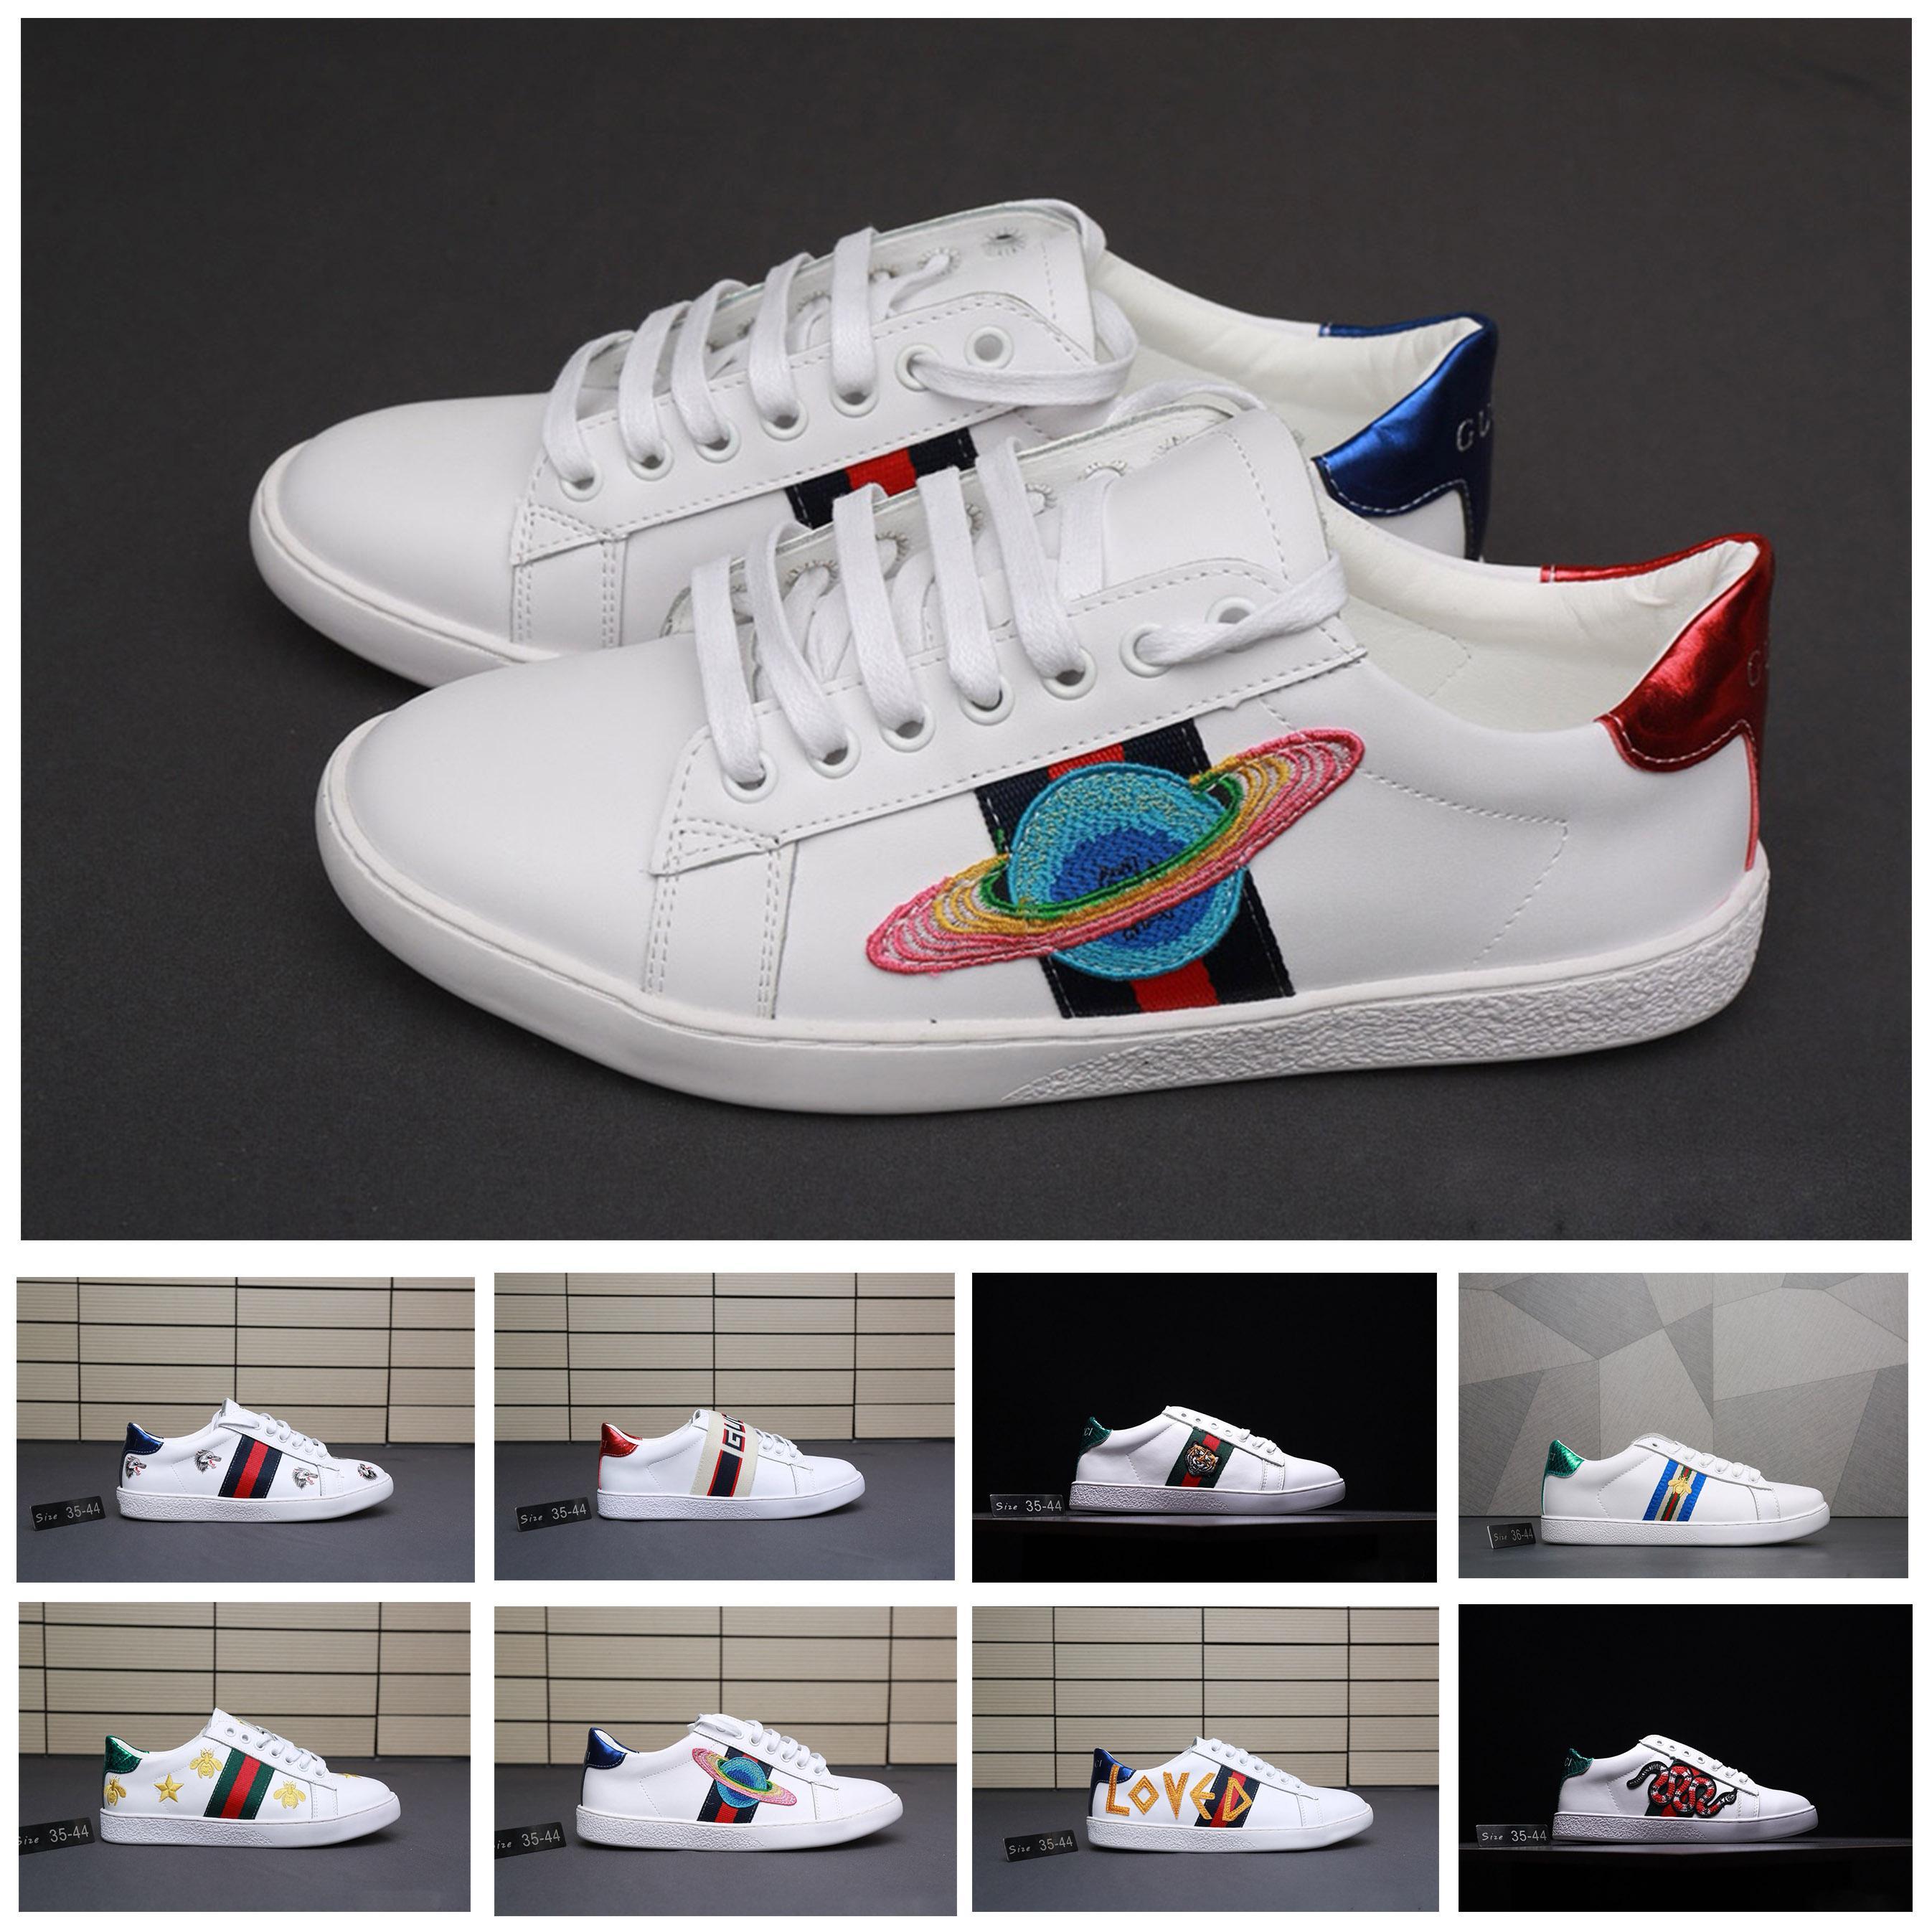 Acquista GUCCI Shoes Gucci Men Shoes Scarpe Da Uomo Di Design Scarpe Di  Lusso Bianche Scarpe Da Ginnastica Casual Donna Zapatos Belle Scarpe Da  Ricamo ... 2670550995e8